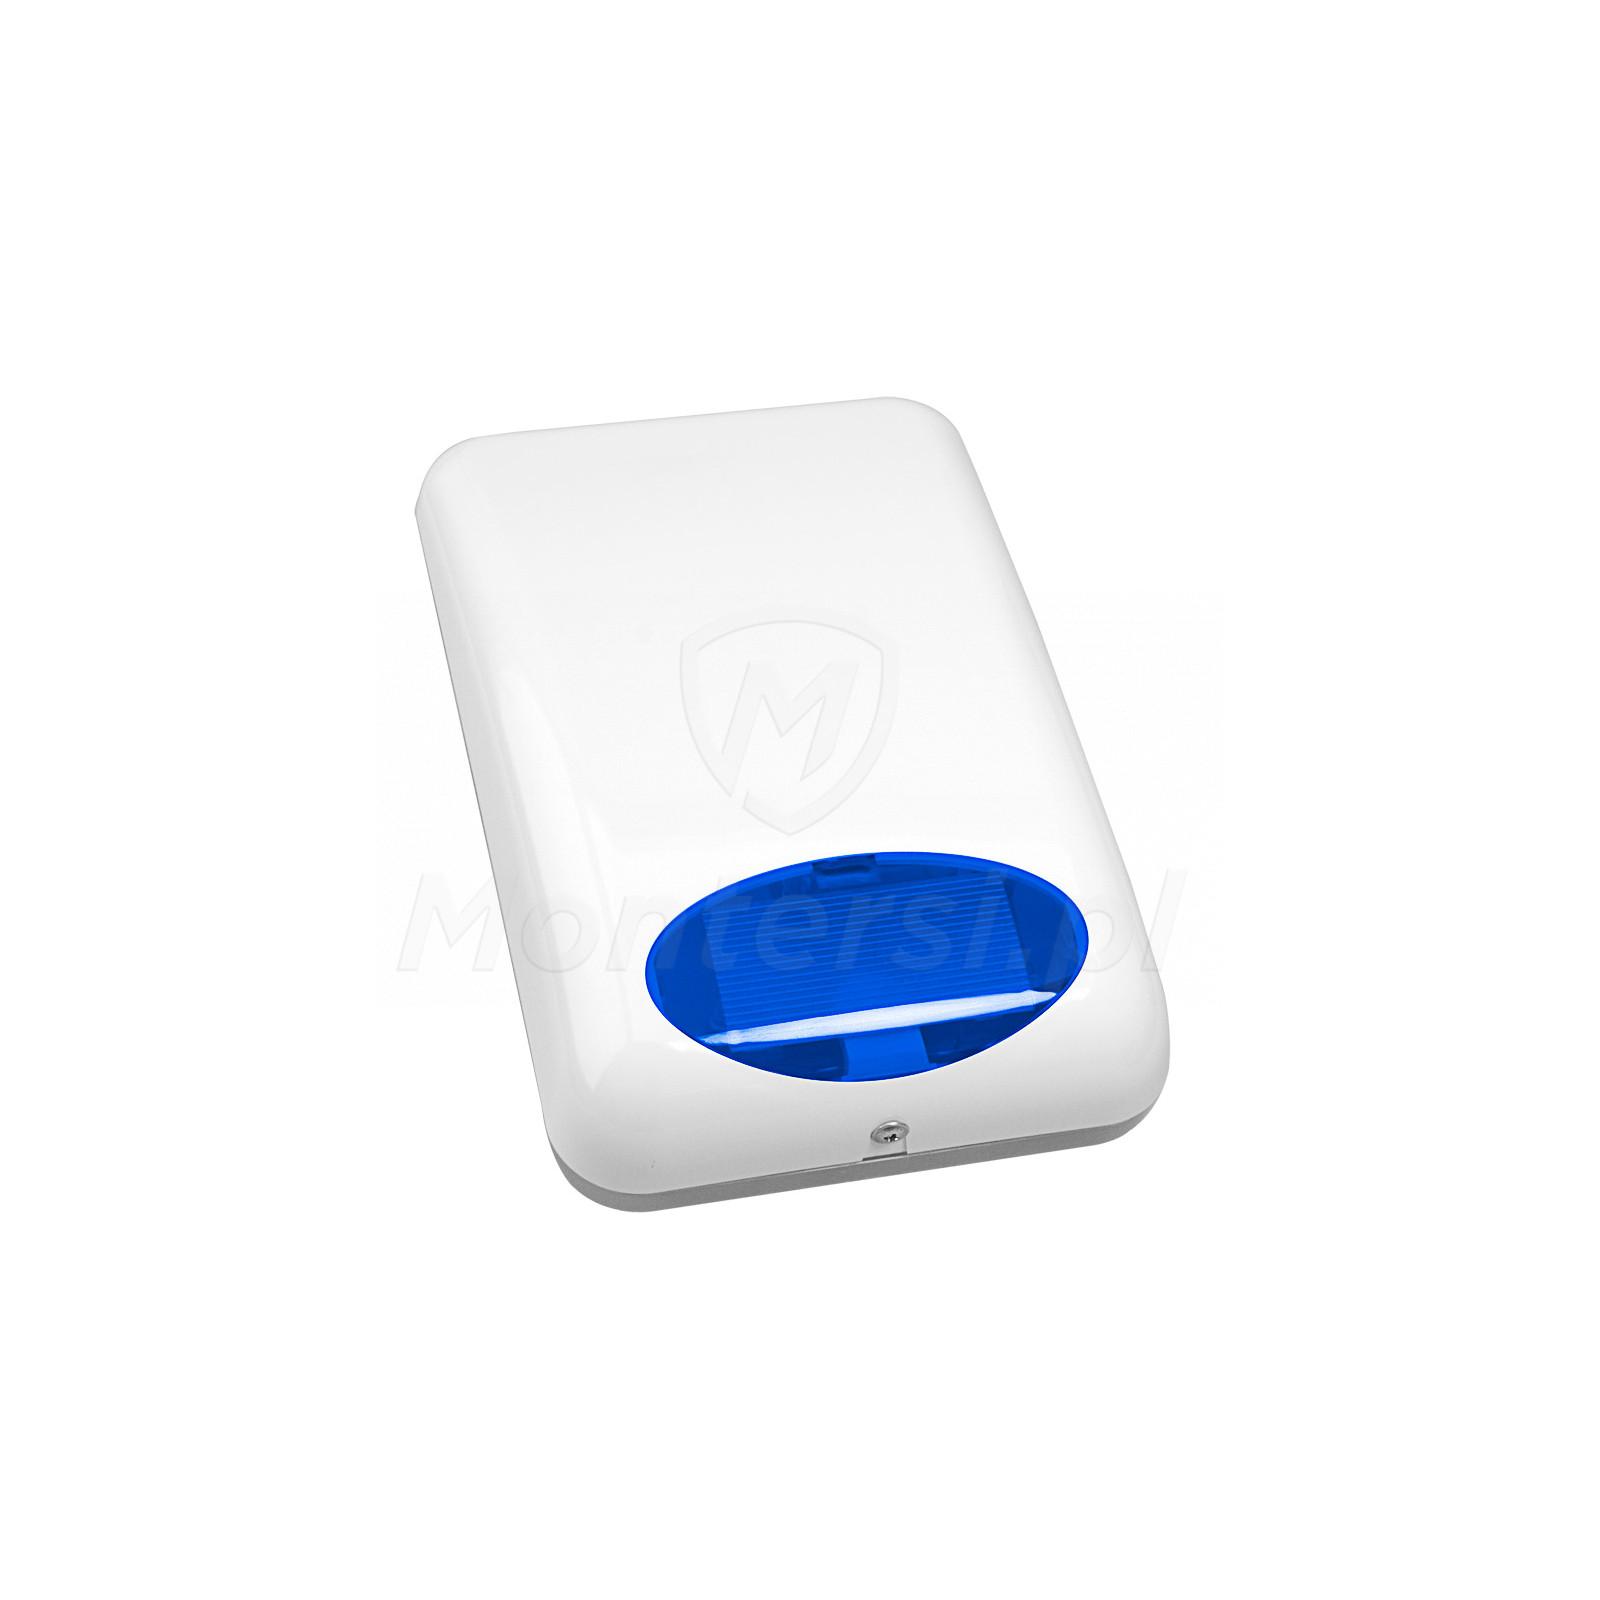 Sygnalizator optyczno-akustyczny SPL-5020 BL